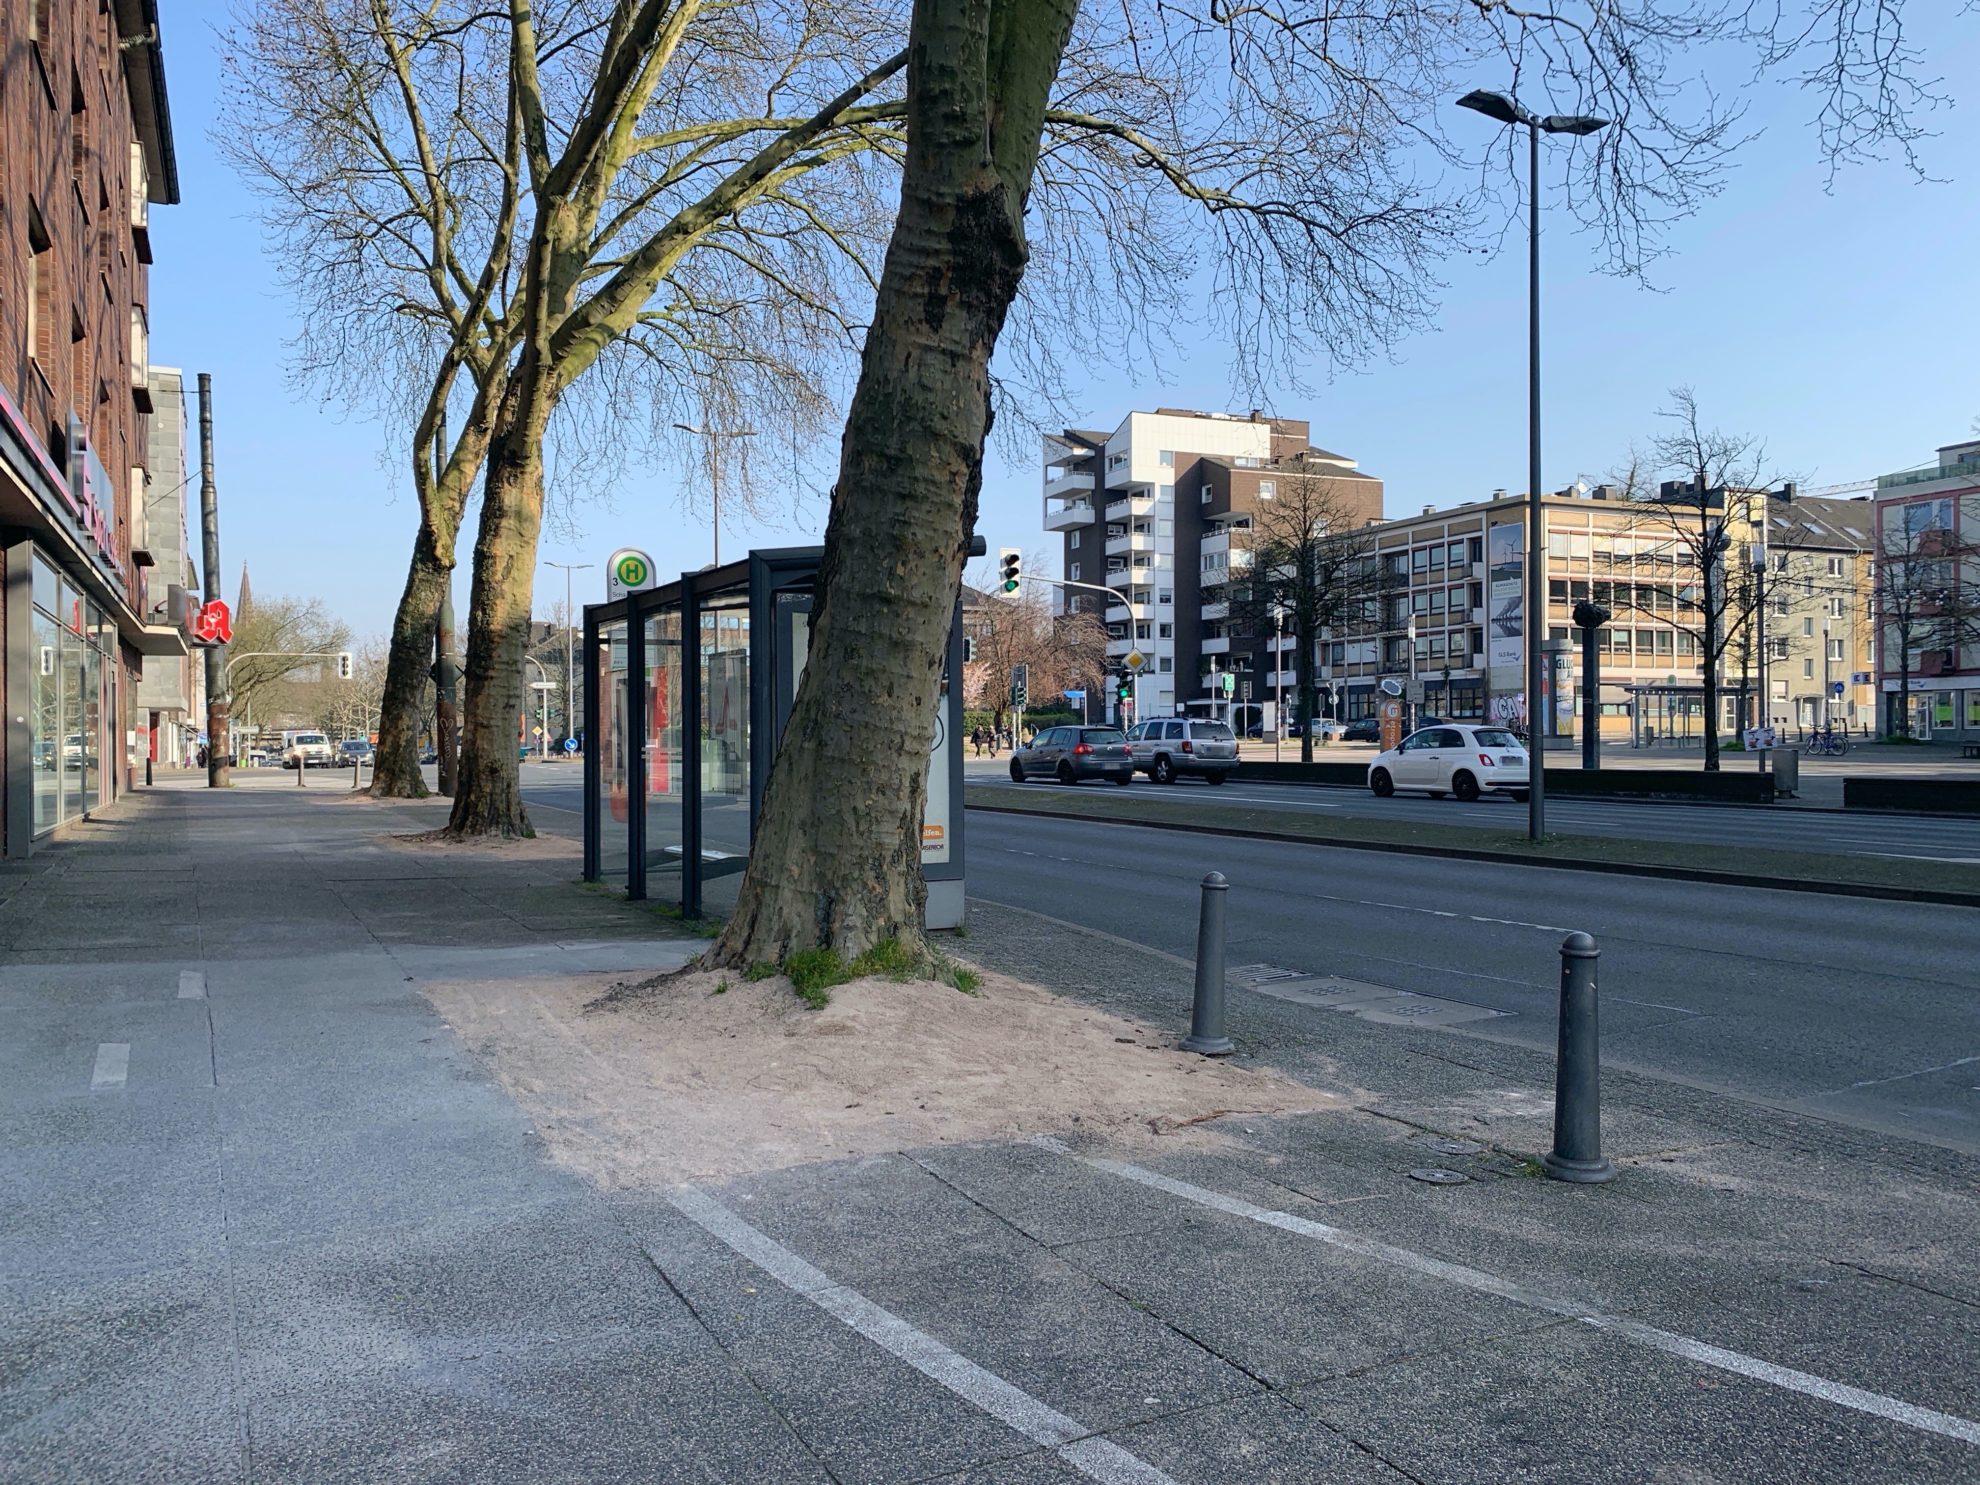 (wieder geöffnete) Bogestra-Haltestelle Schauspielhaus an der Königsallee (vor der Sparkasse und der Apotheke) - mit dem sanierten Gehweg an den Baumscheiben